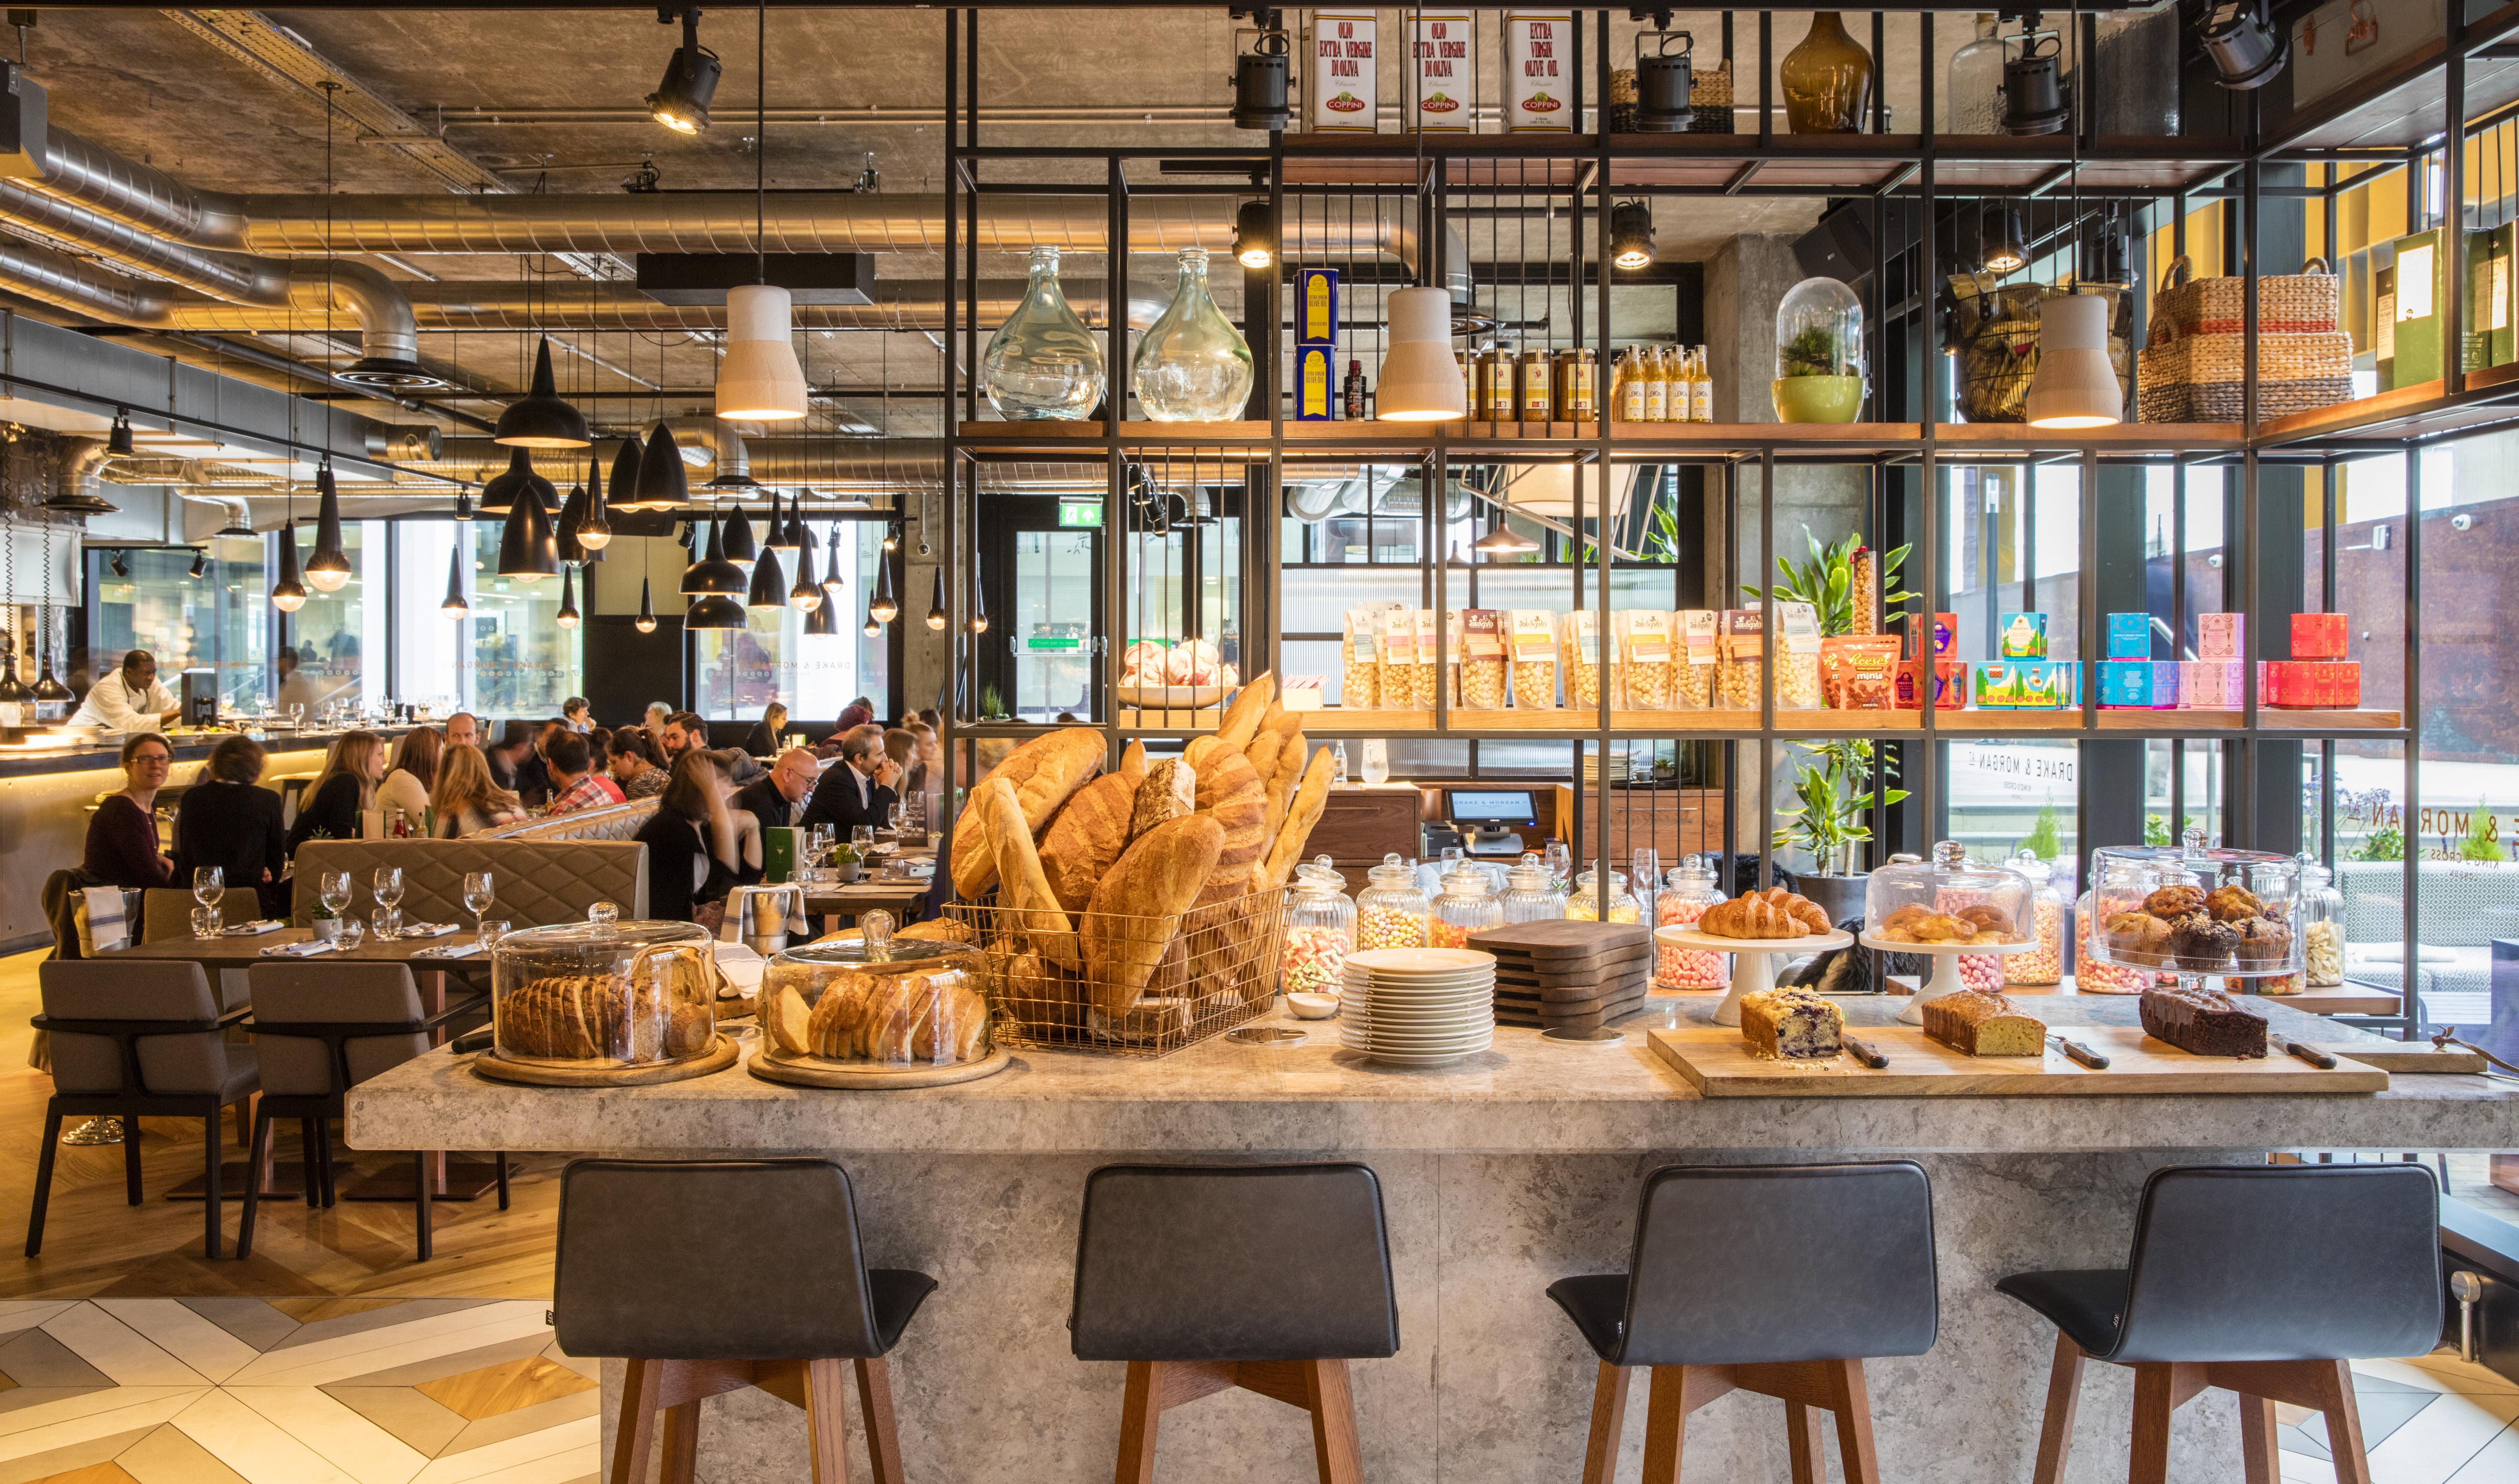 10 Best Brunch Spots In London Restaurant Guide